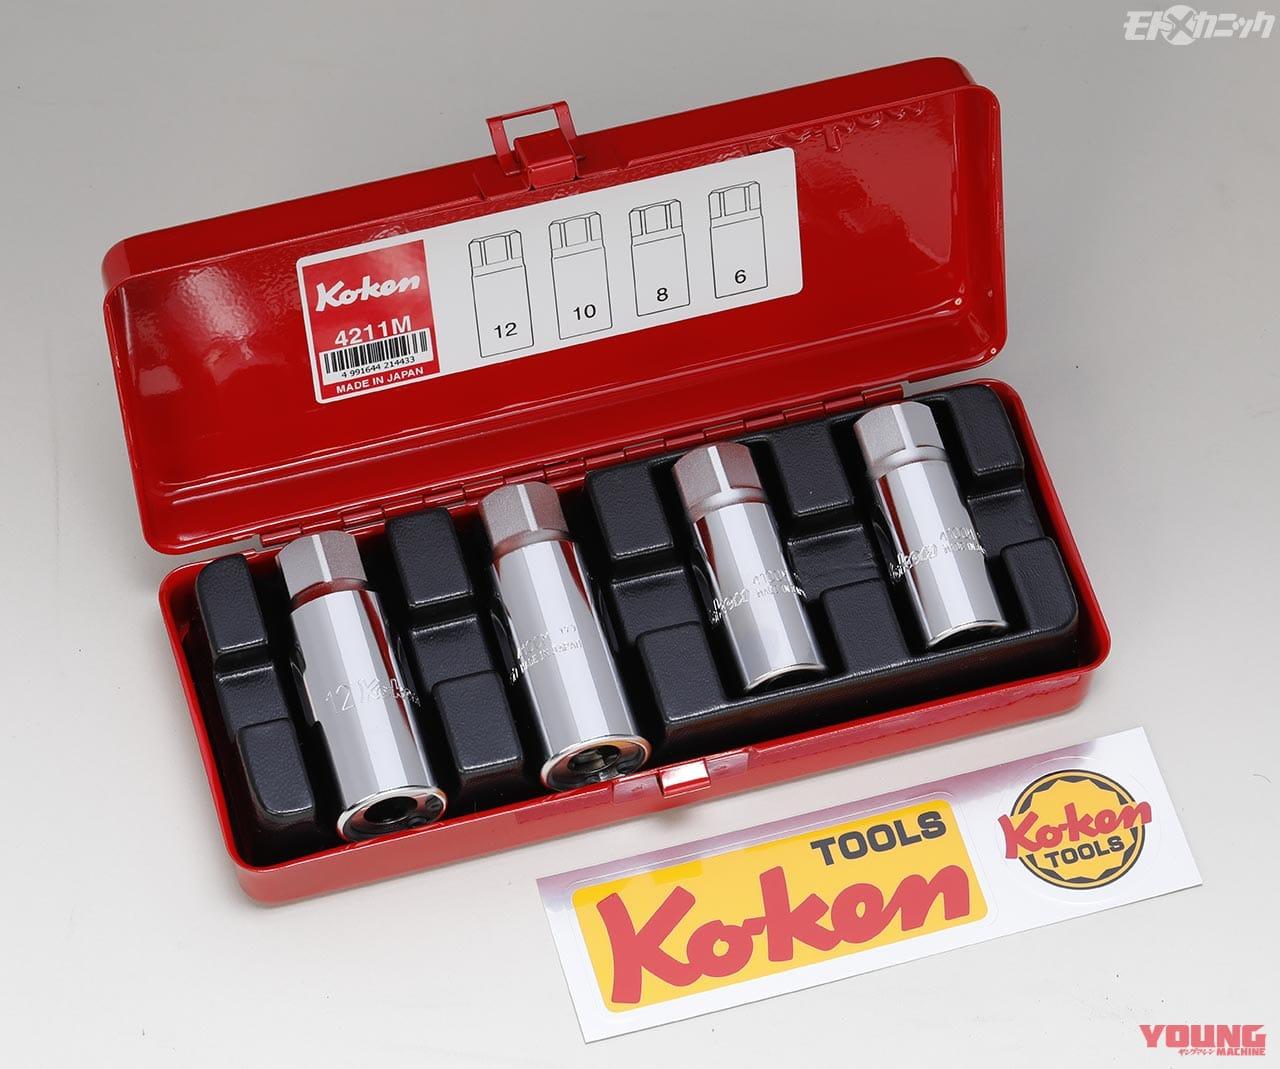 スタッドボルト抜きセット4211M[ko-ken]